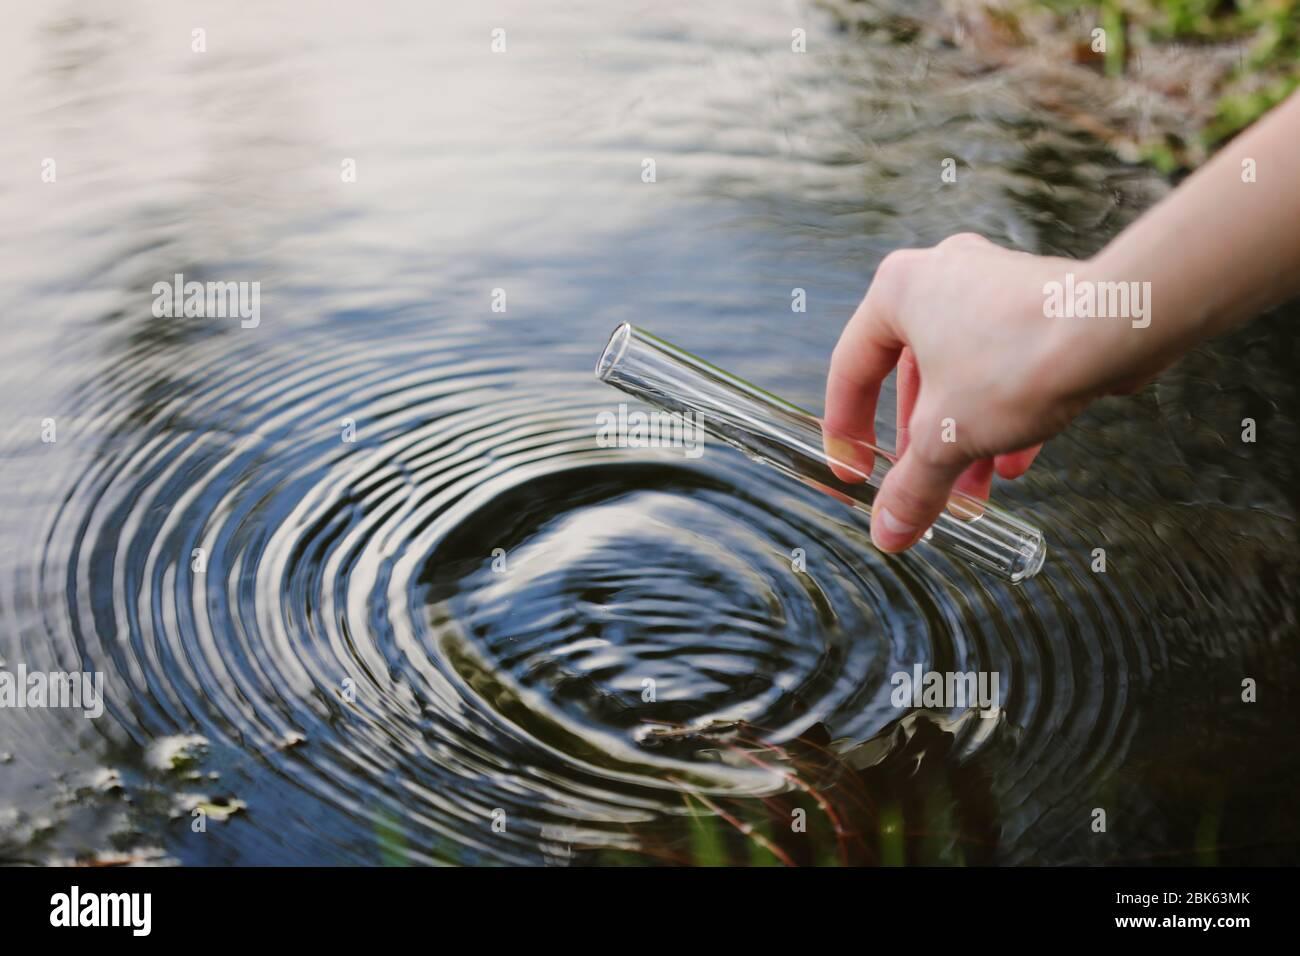 Campione di acqua. La mano raccoglie l'acqua da esplorare. Concetto - analisi della purezza dell'acqua, ambiente, ecologia. Analisi dell'acqua per le infezioni, permesso di nuotare Foto Stock